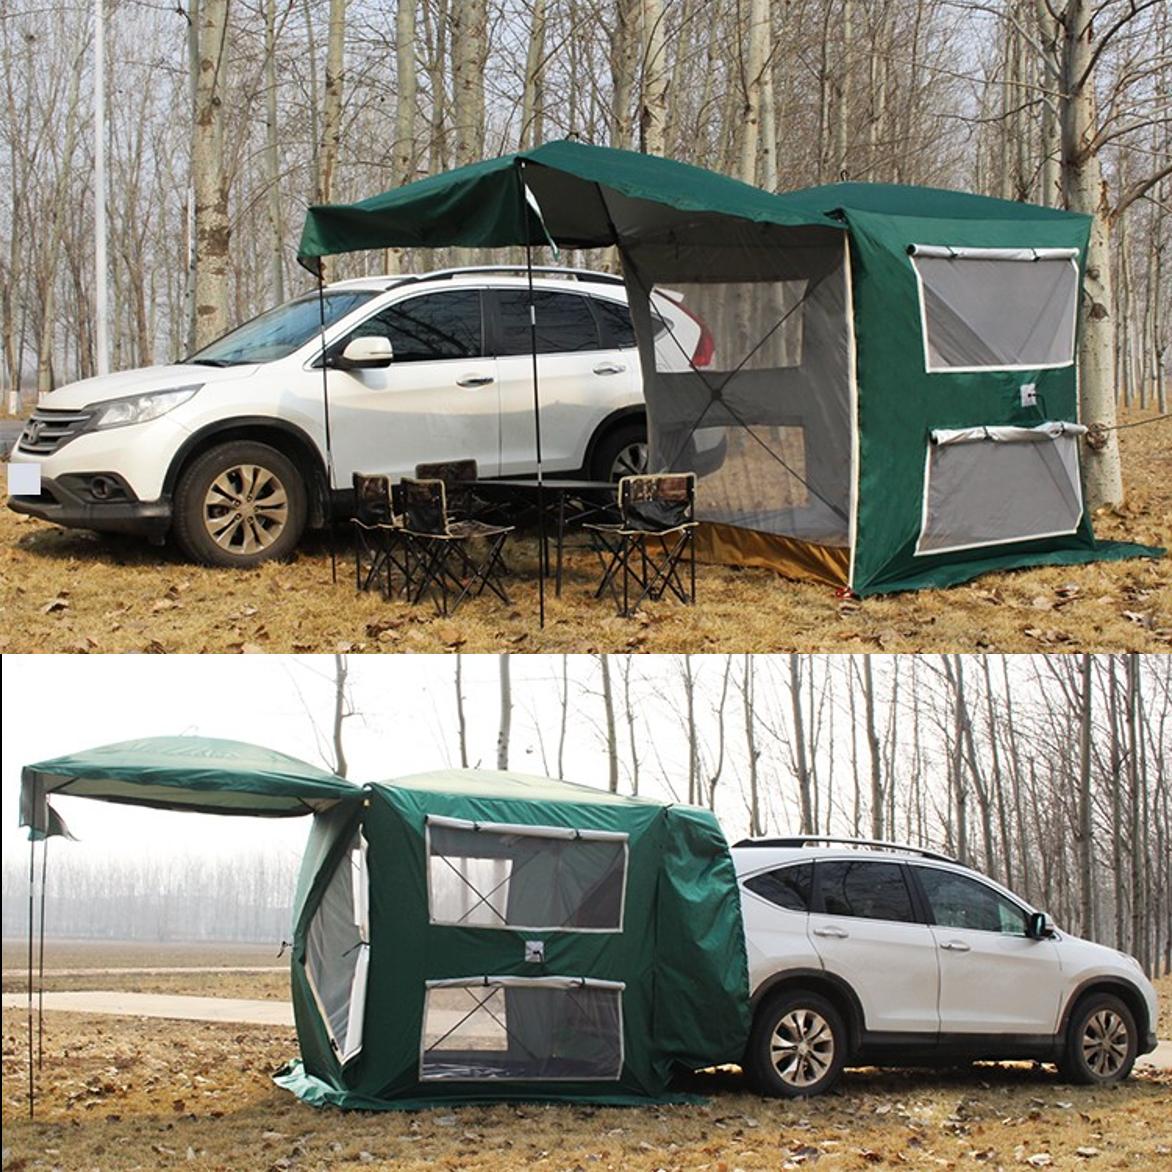 Kings landing 코나 펠리세이드 qm6 레이 카니발 쏘렌토 싼타페 차박용 차박 차량 도킹 텐트, 999개, 밀리터리